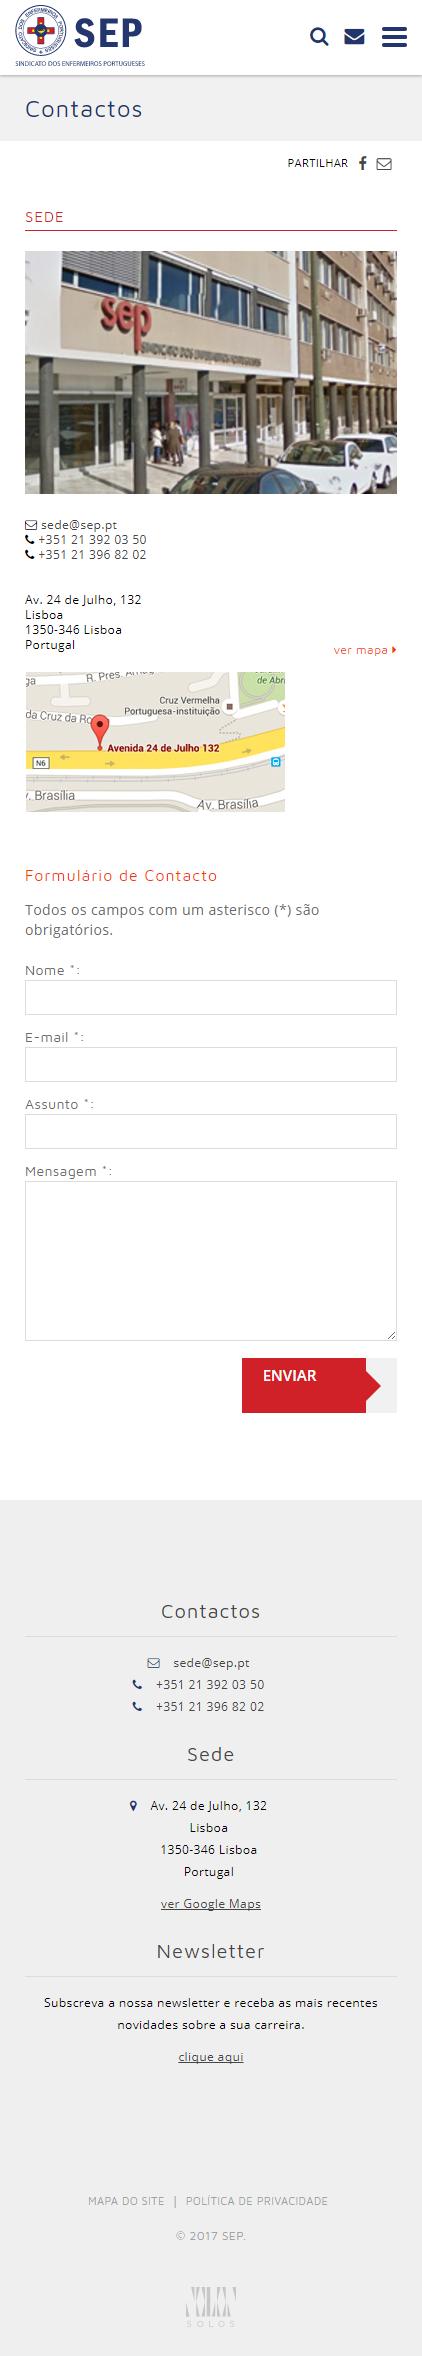 SEP | Website responsive e otimizado para motores de busca